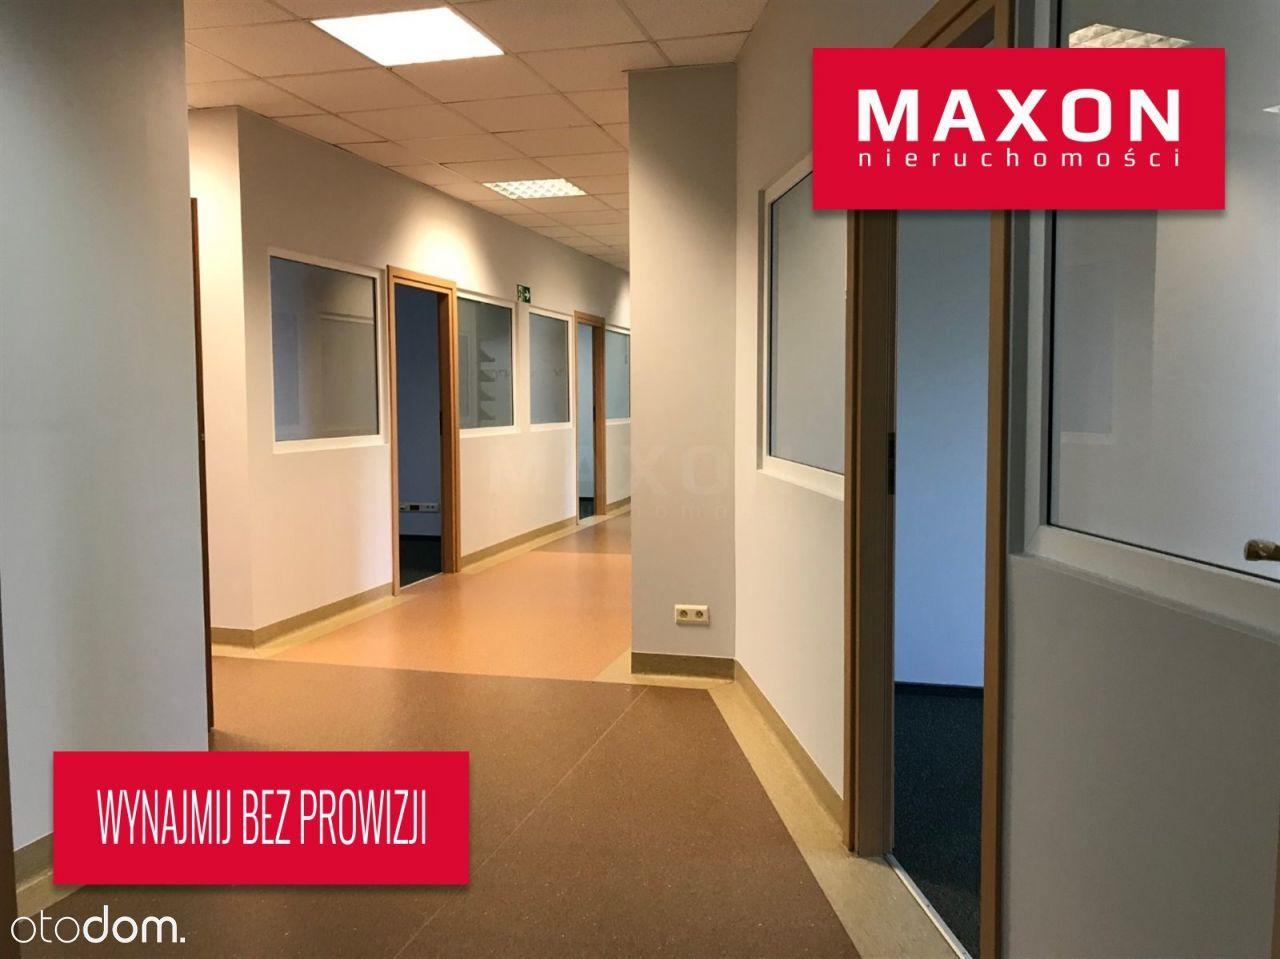 Lokal użytkowy, 210 m², Warszawa